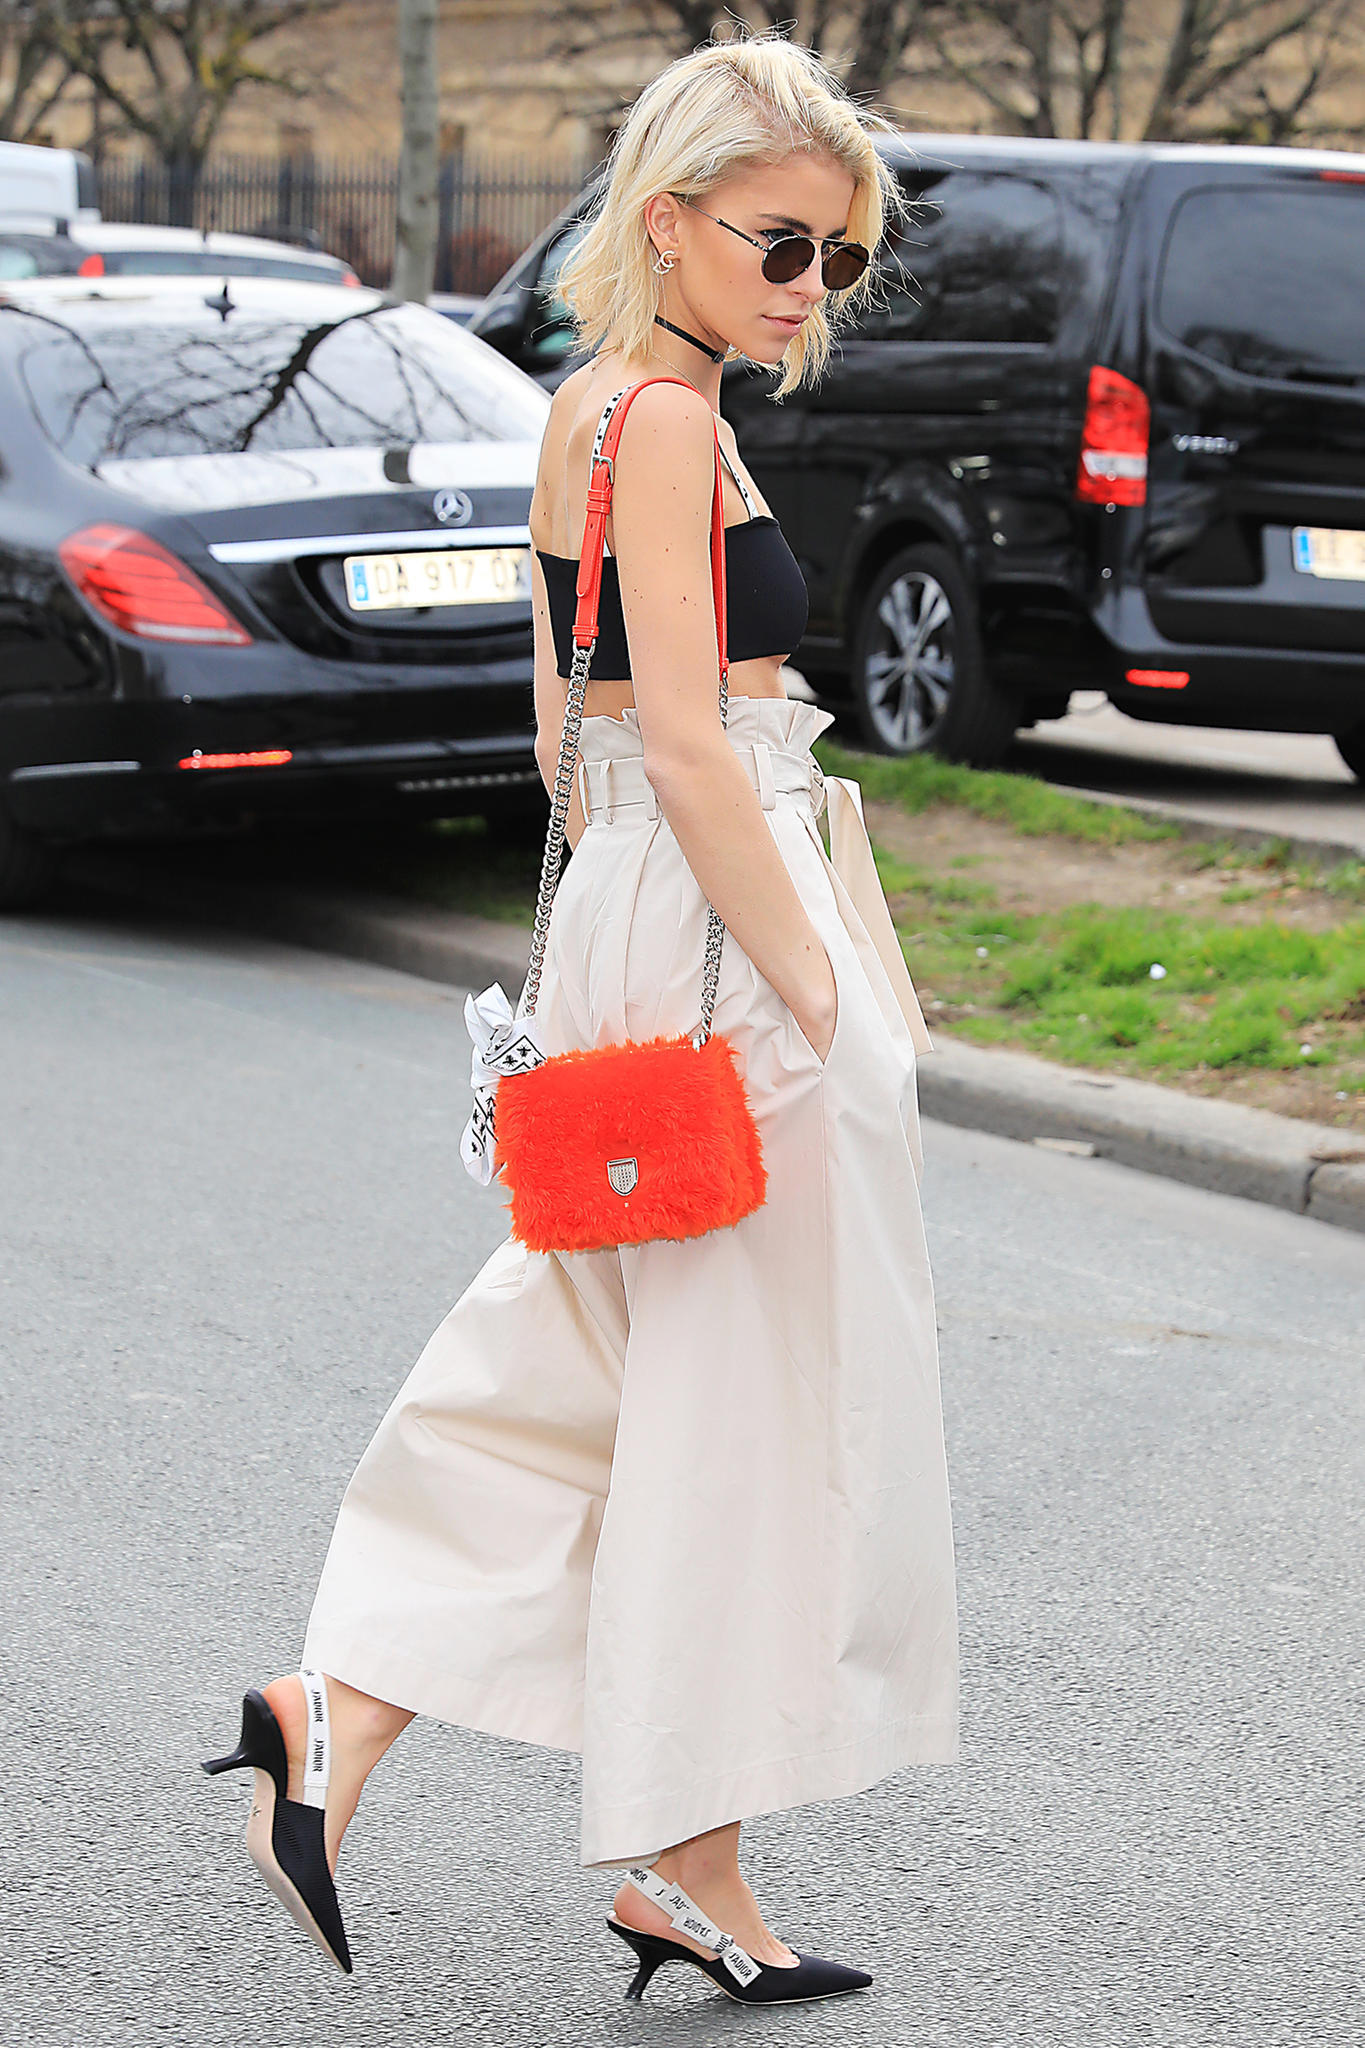 Caro Daur trägt zur weiten Hose Dior-Sling-Pumps und eine Tasche in Knallfarbe